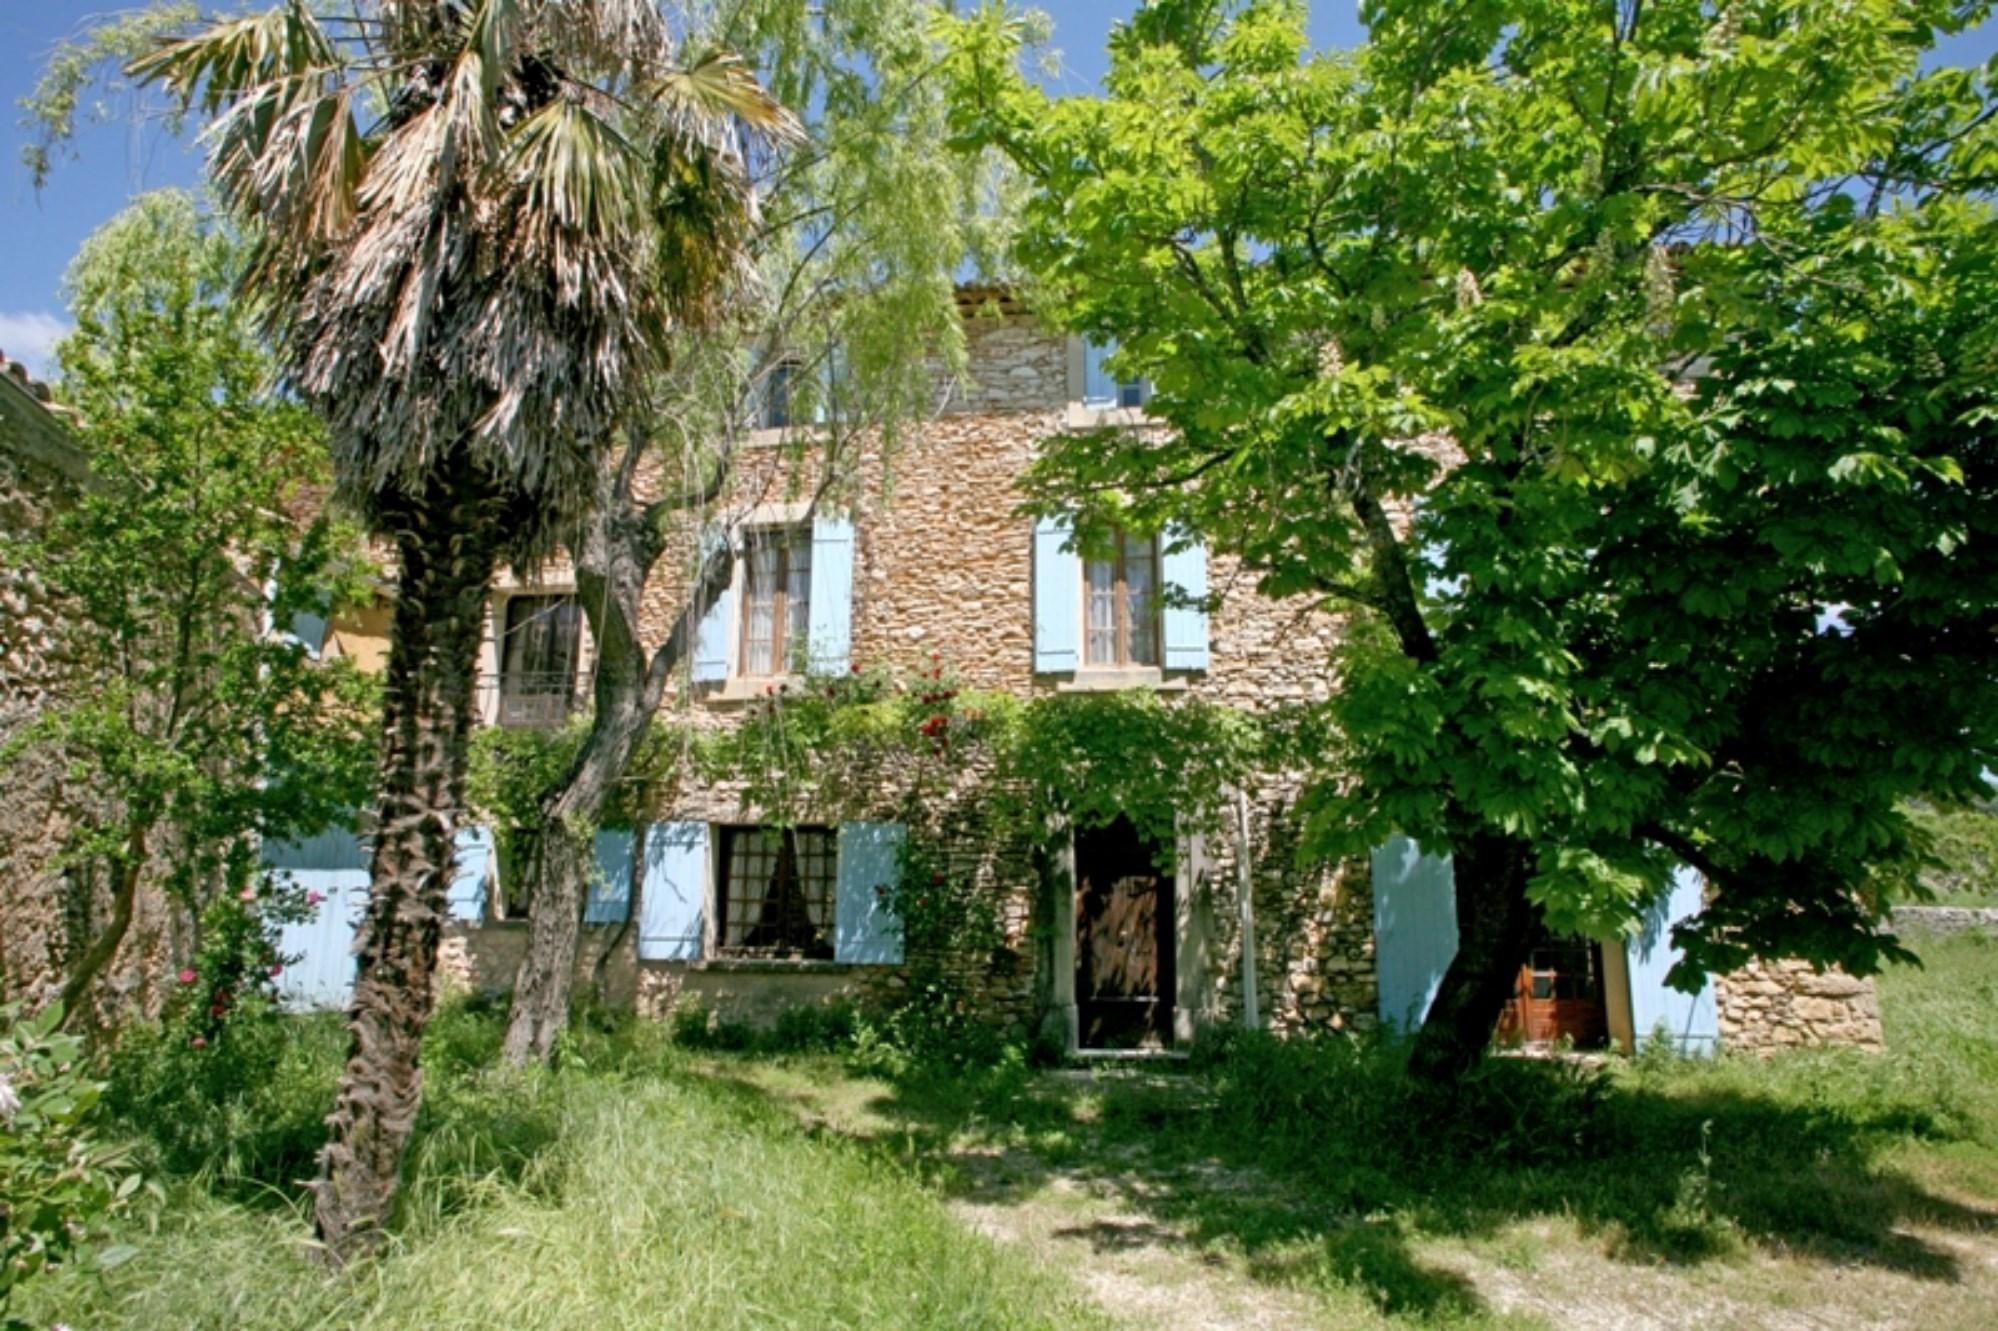 Maison bourgeoise à rénover à vendre en Luberon